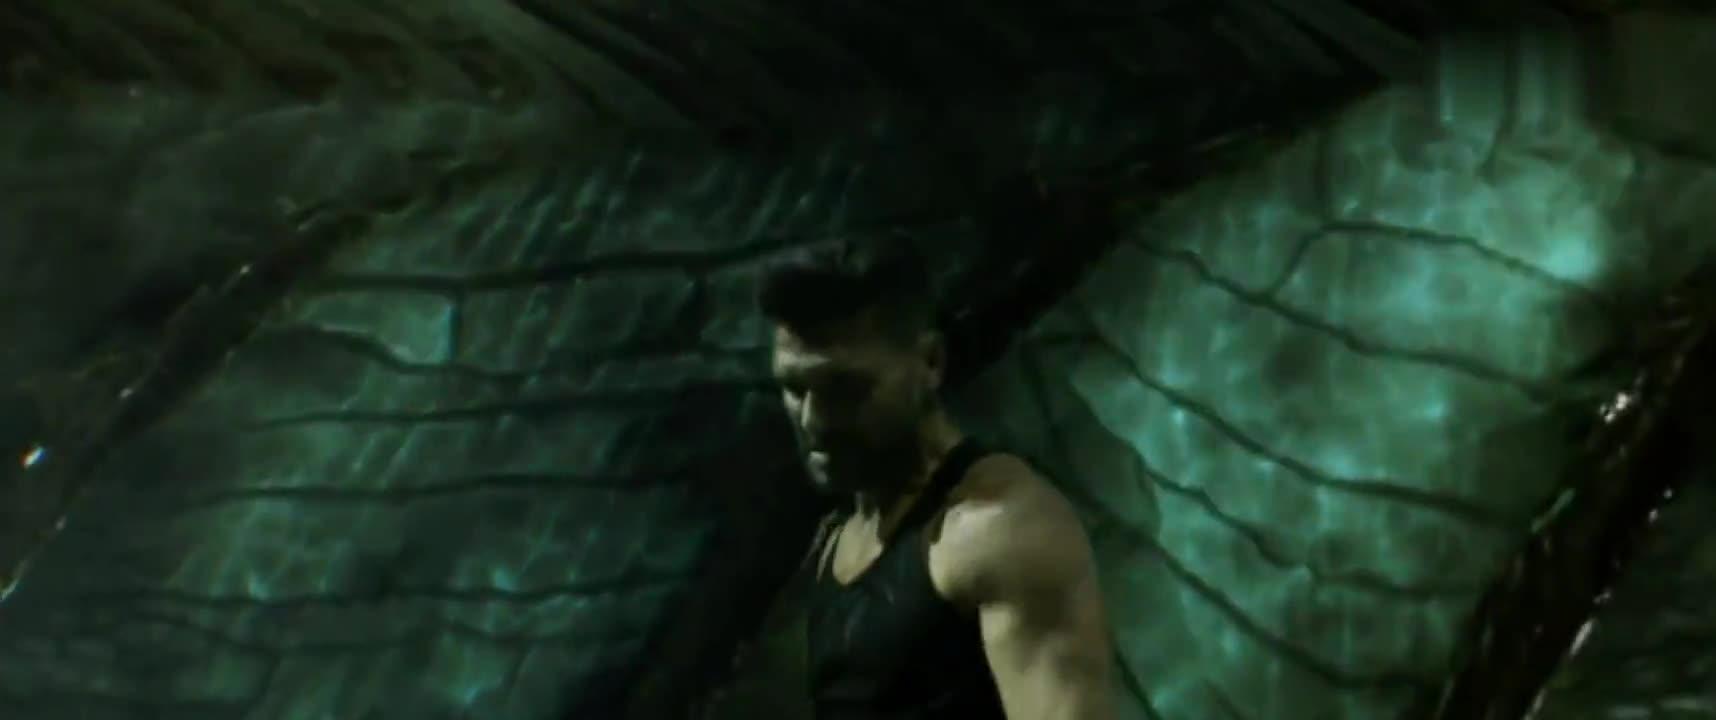 《战狼2》老爹得到了外星科技腕刀,开始手刃外星人